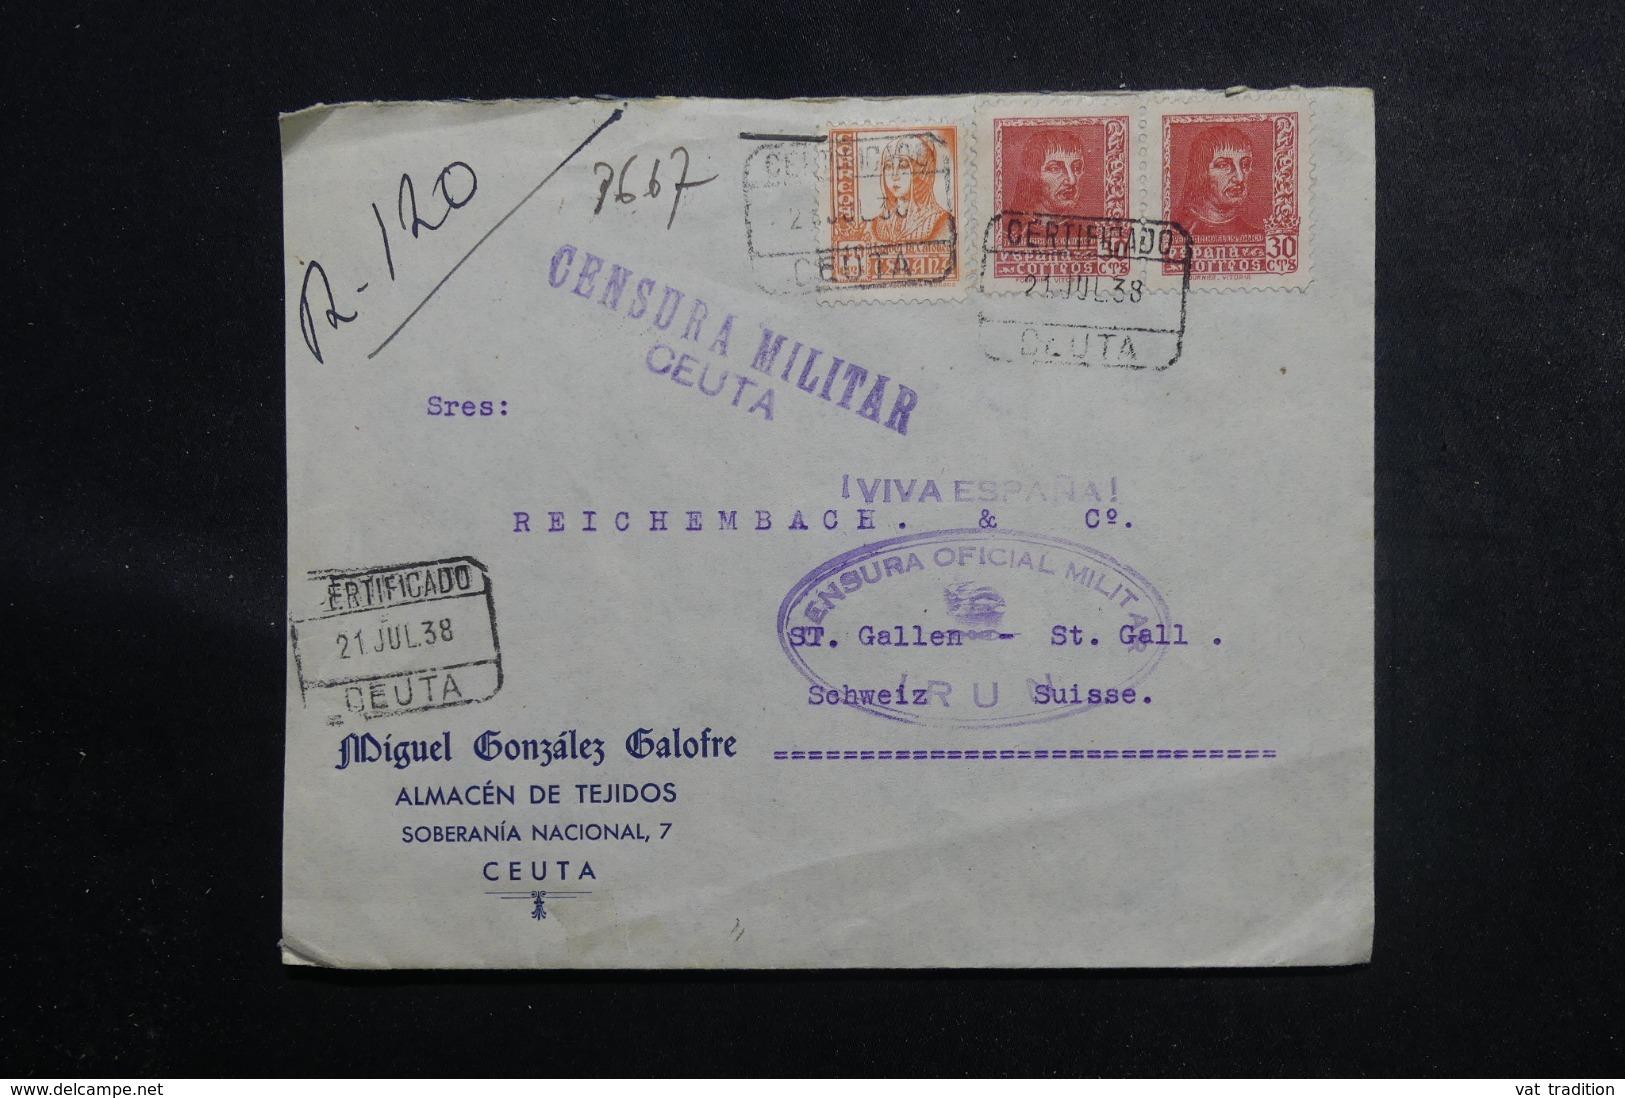 ESPAGNE - Enveloppe En Recommandé De Ceuta Pour La Suisse En 1938 Avec Contrôle De Irun Et De Ceuta - L 48093 - Republikanische Zensur